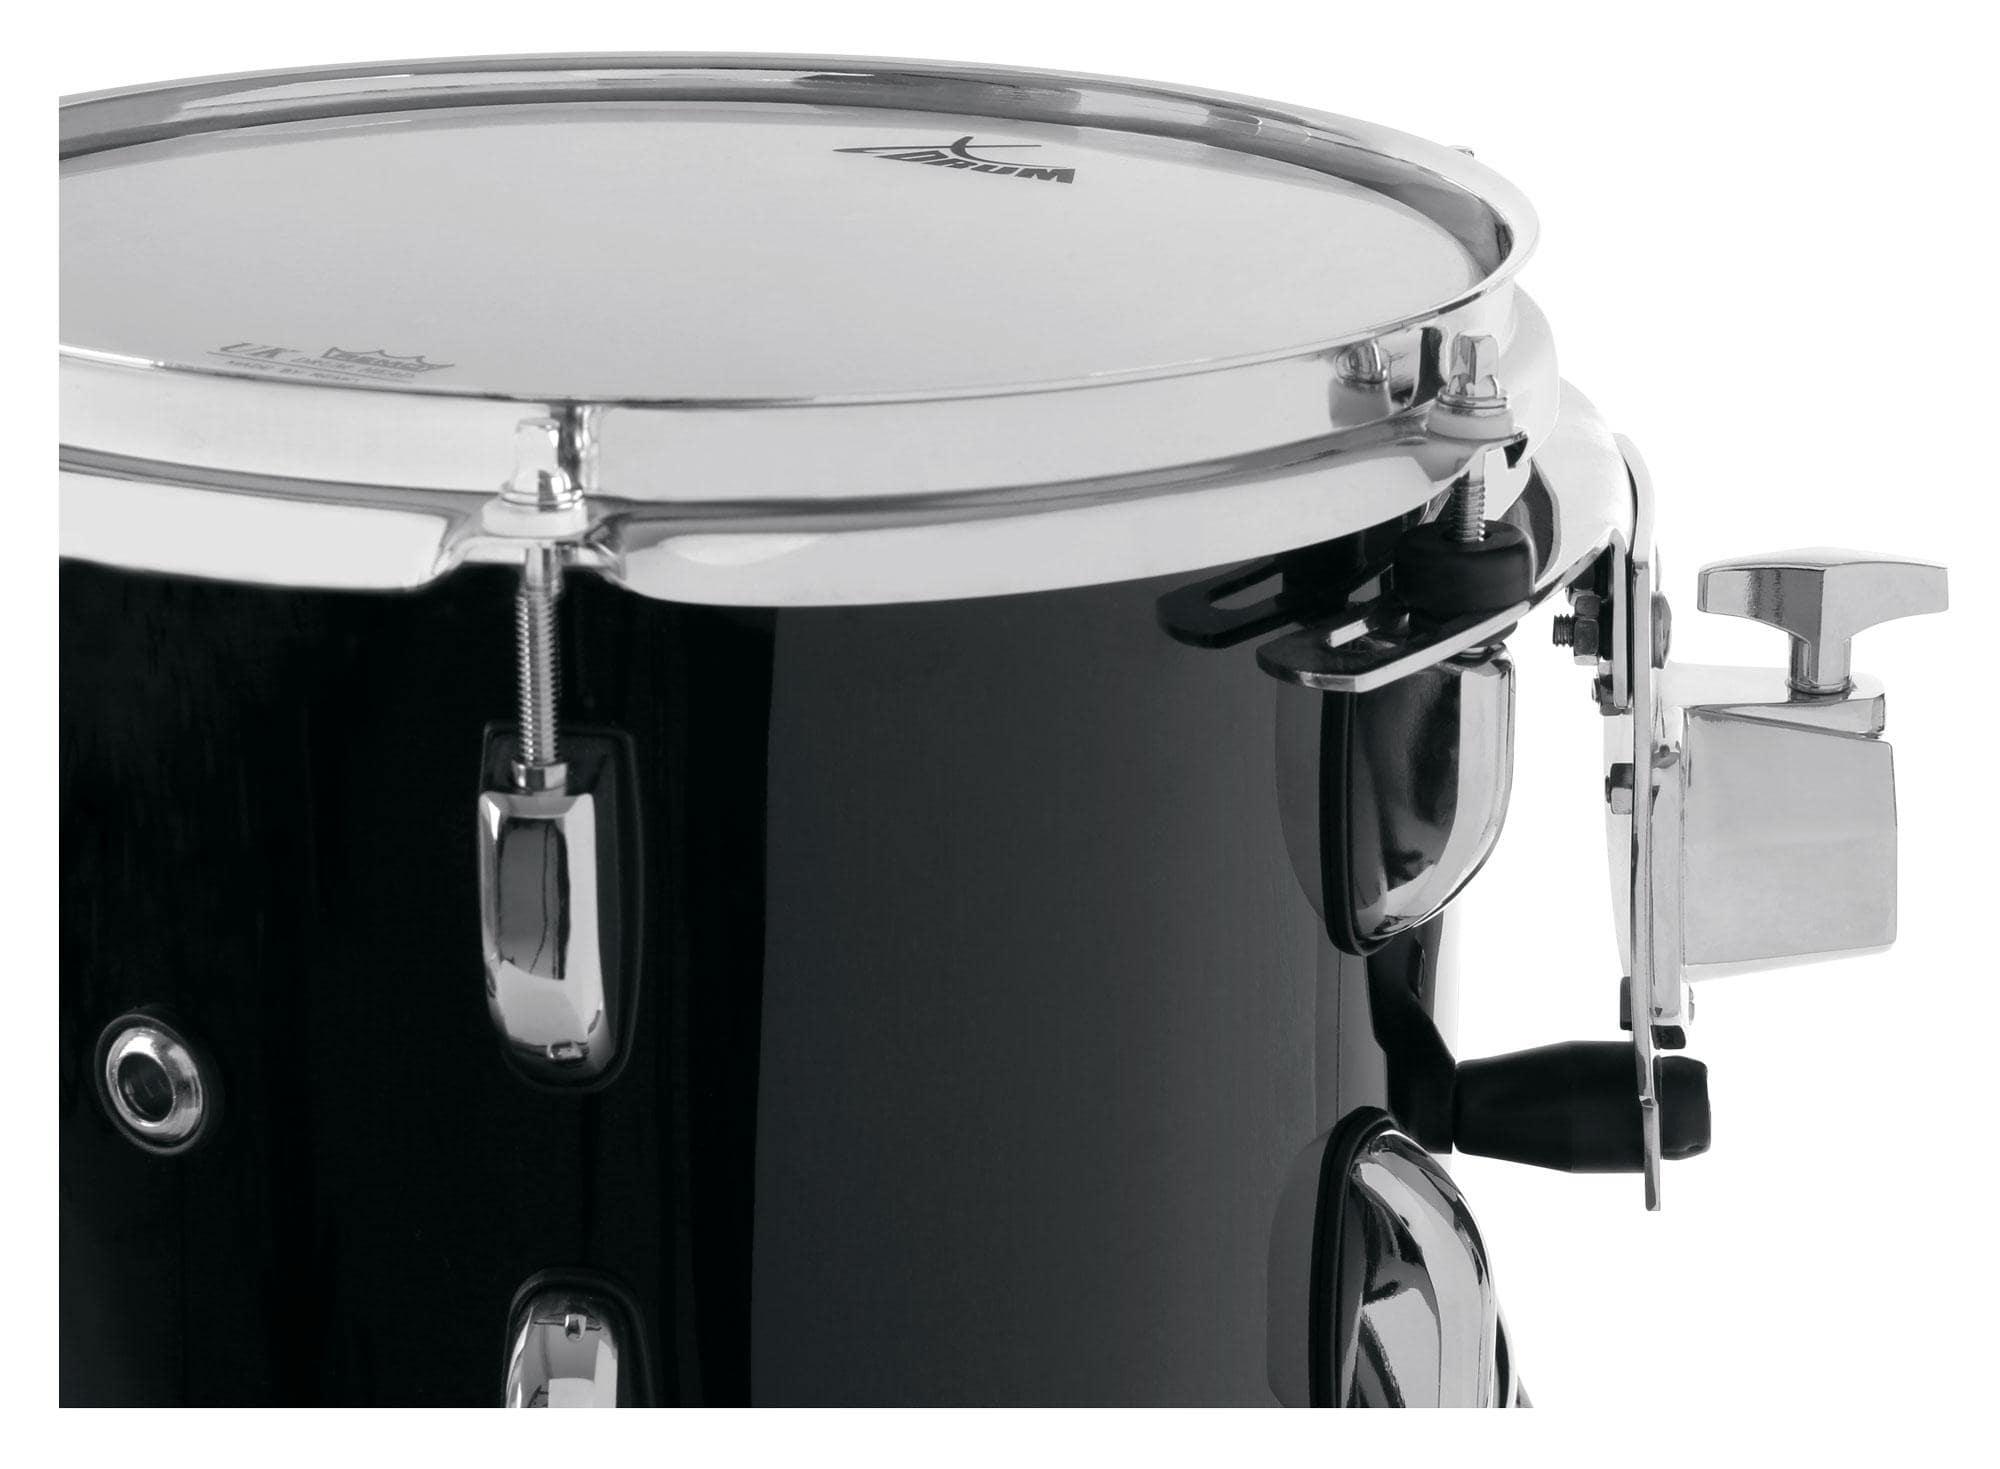 Xdrum Stage Ii Black Drums Saver Set Bags